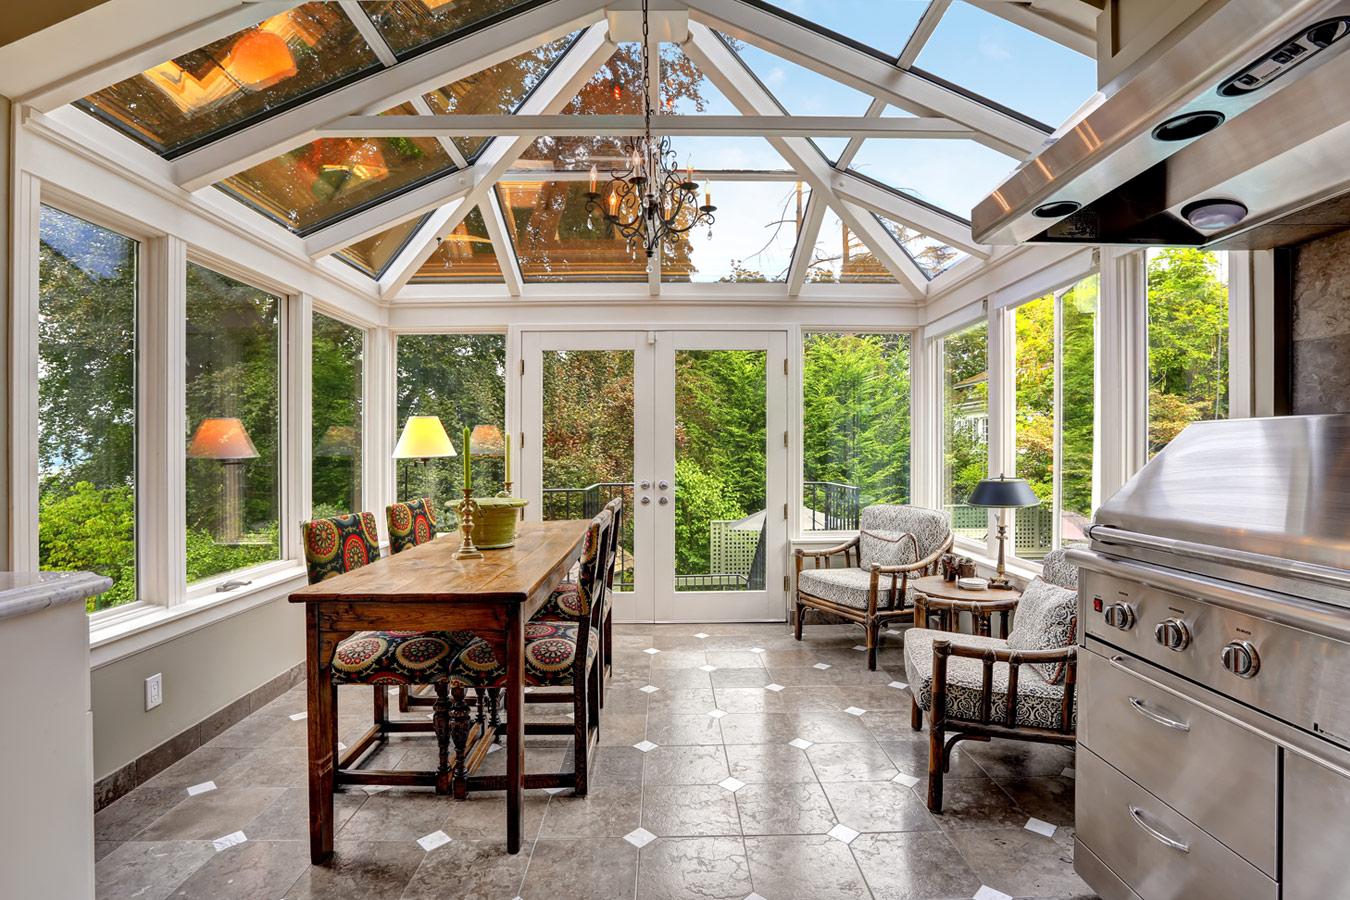 Aanbouw of serre voordelen en nadelen op een rijtje - Interieur van een veranda ...